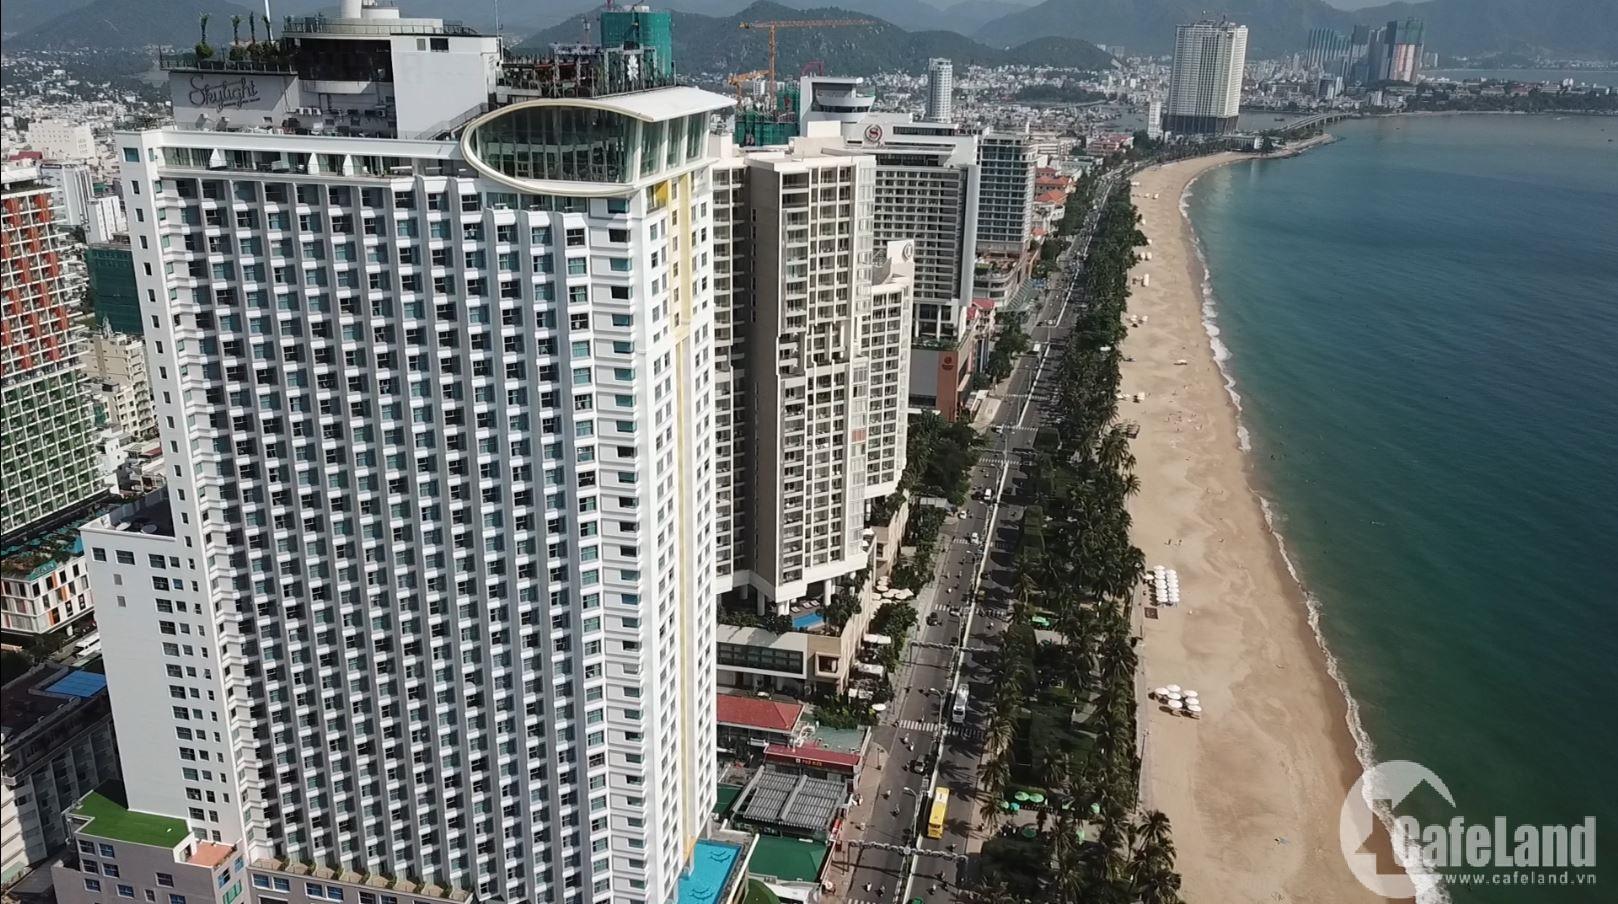 Khánh Hòa: Xử lý nhà cao tầng sử dụng tầng hầm sai mục đích